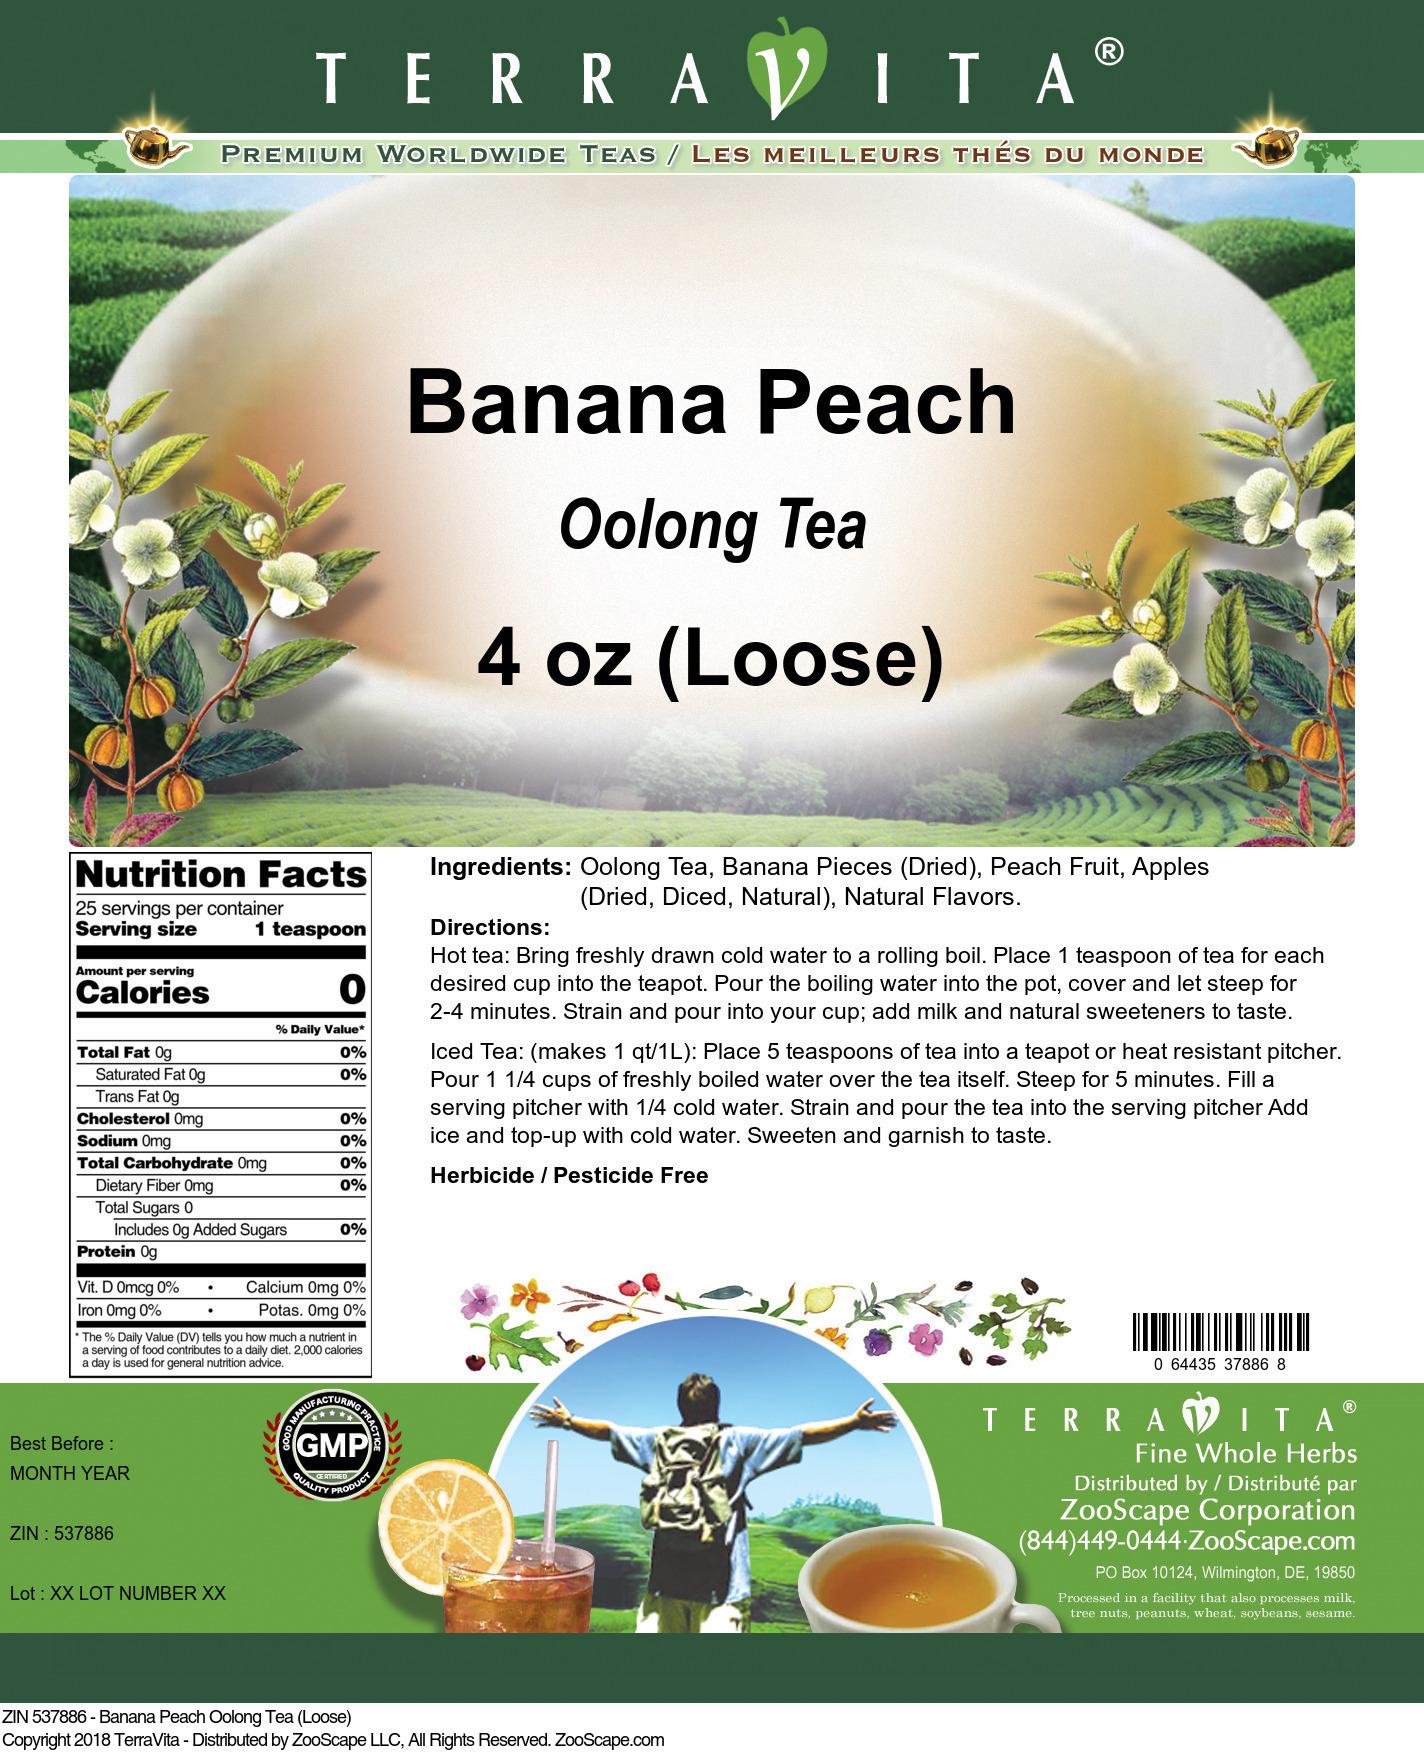 Banana Peach Oolong Tea (Loose)